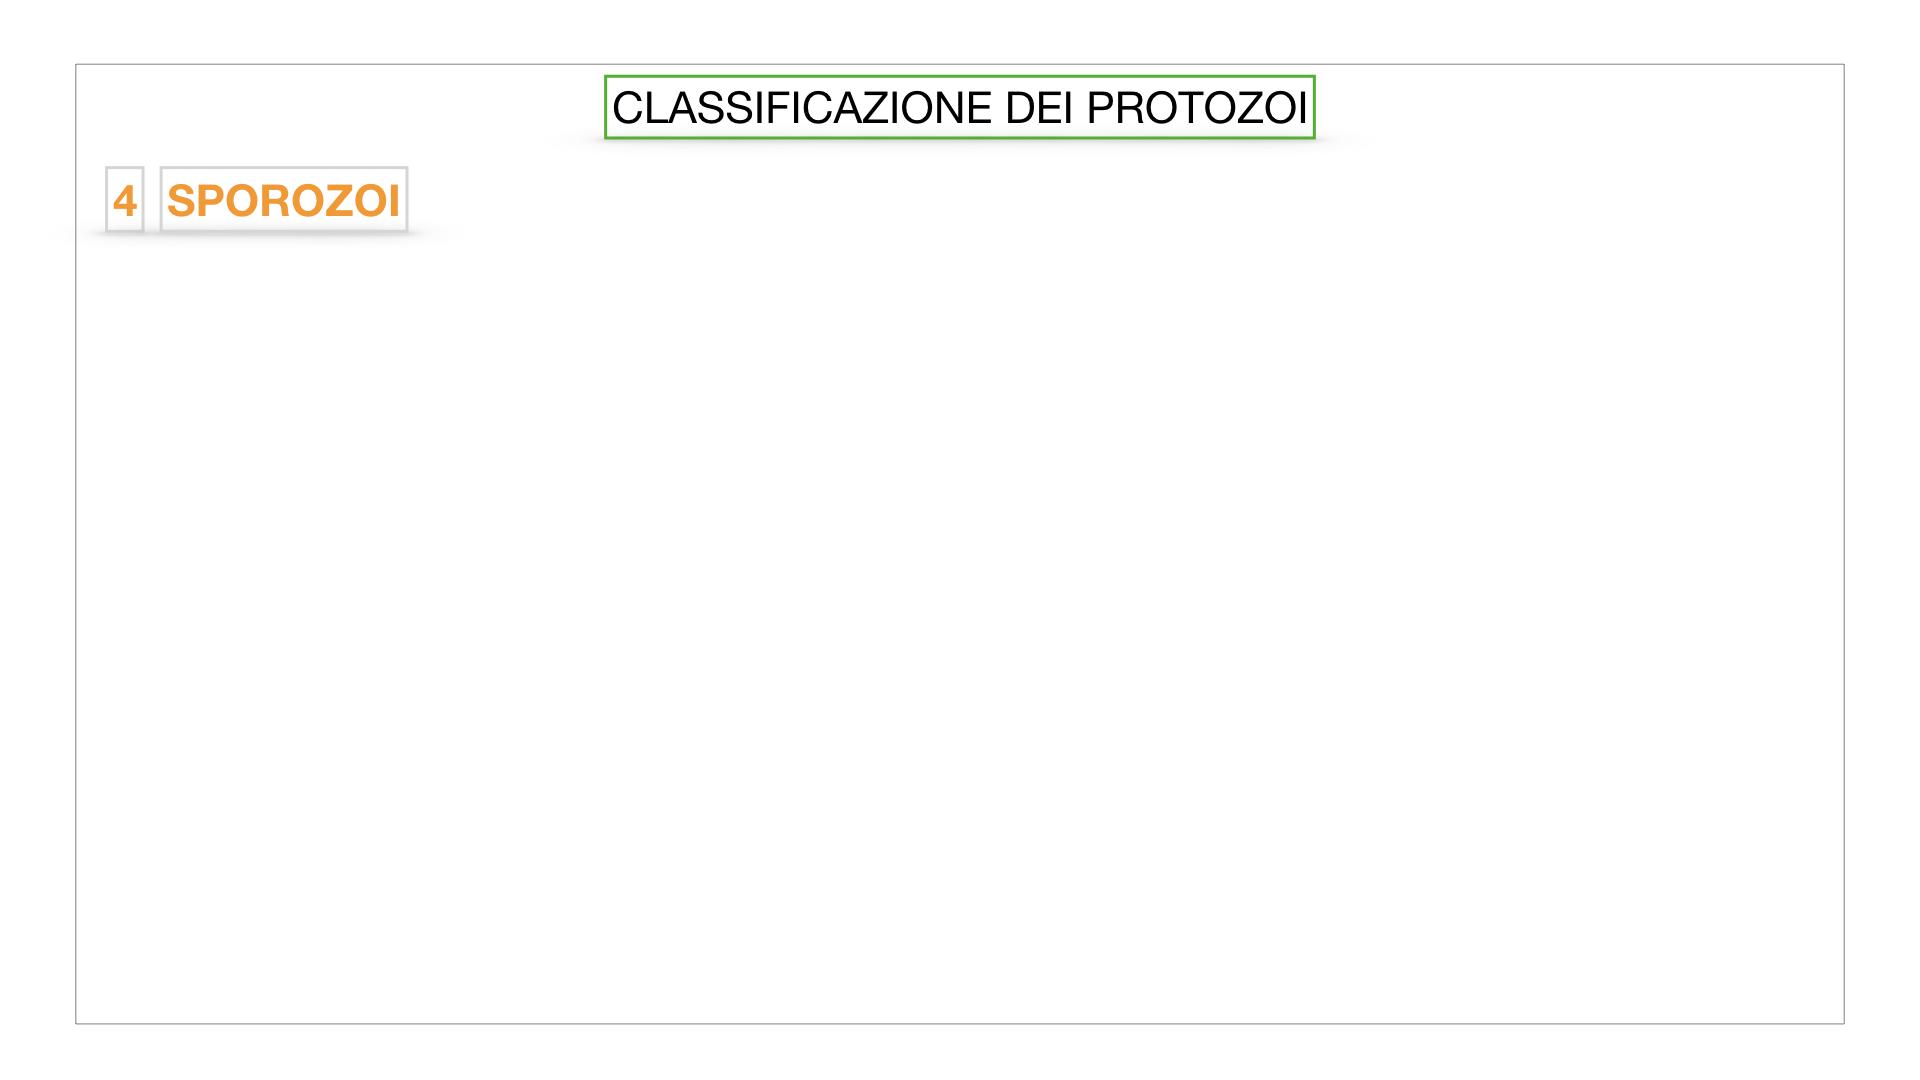 6. PROTOZOI_classificazione_SIMULAZIONE.045